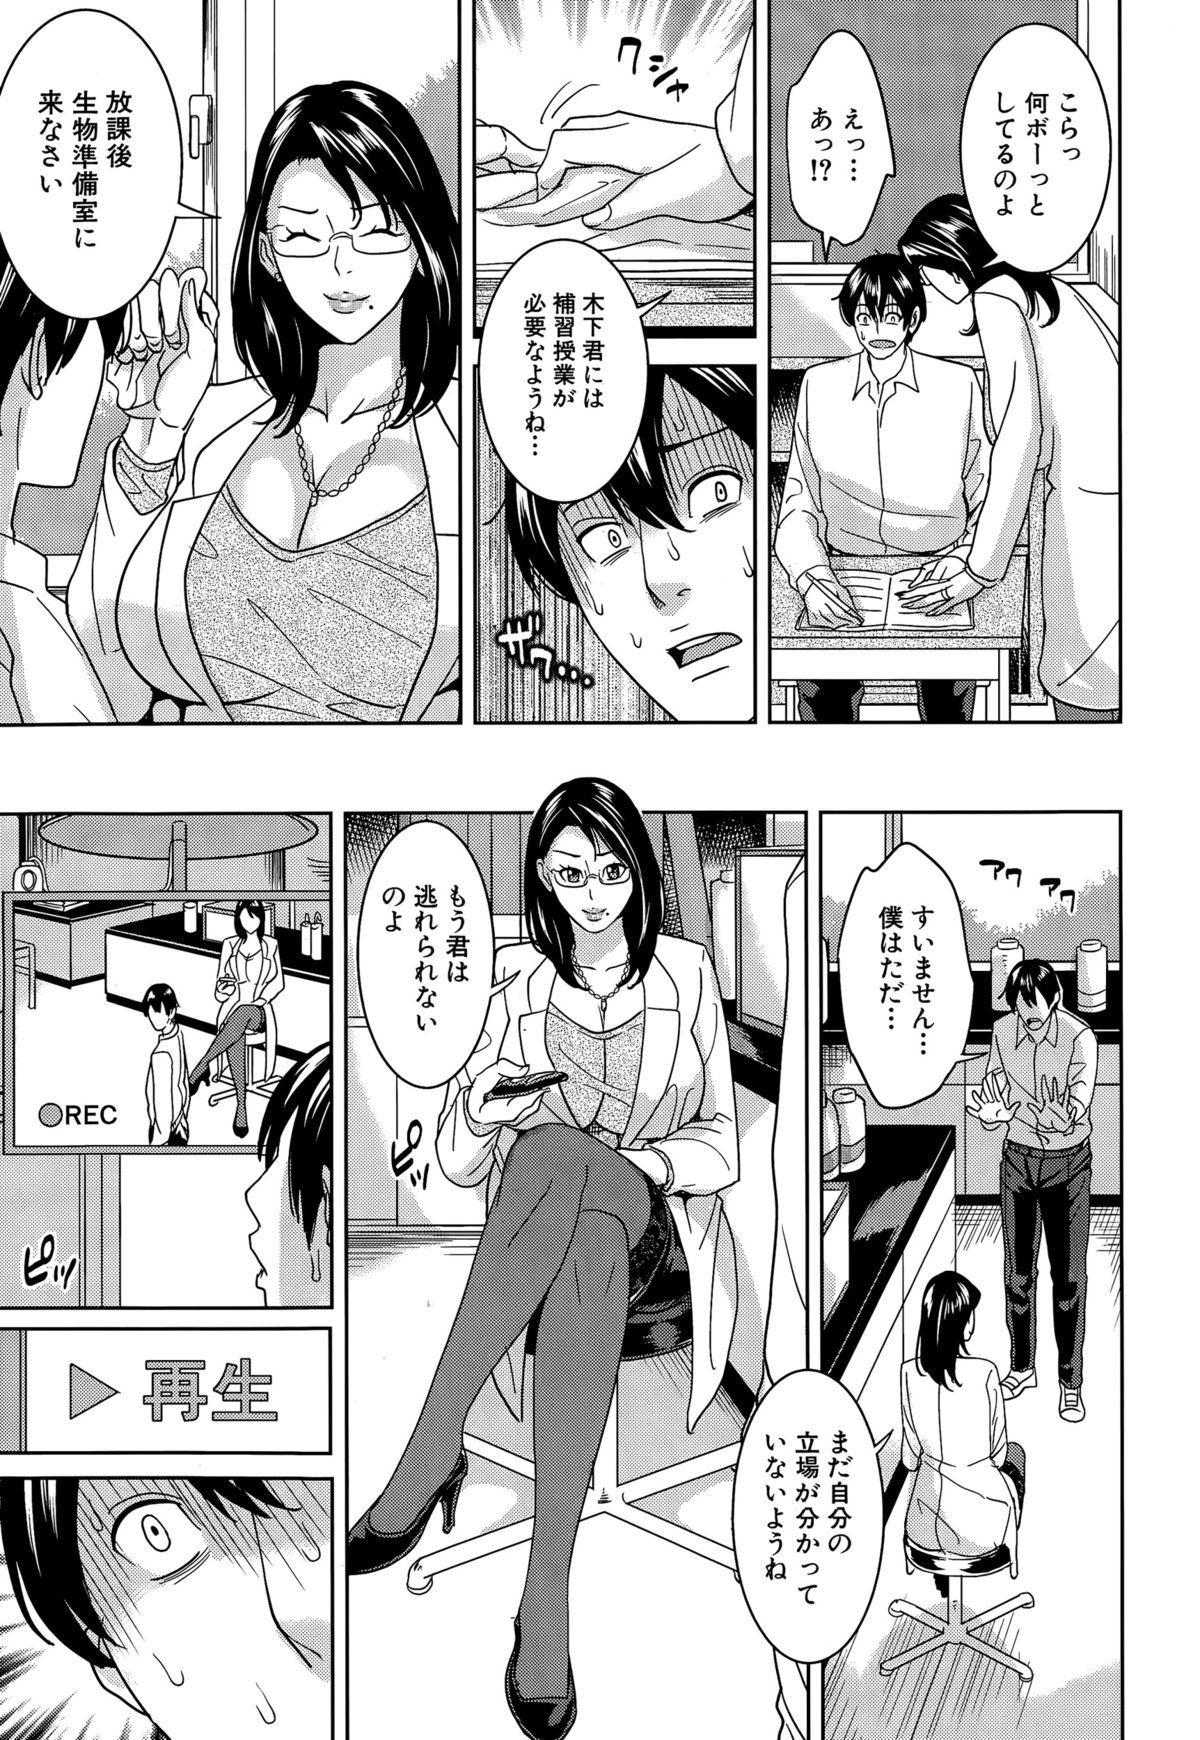 Kyouko Sensei to Boku no Himitsu 22